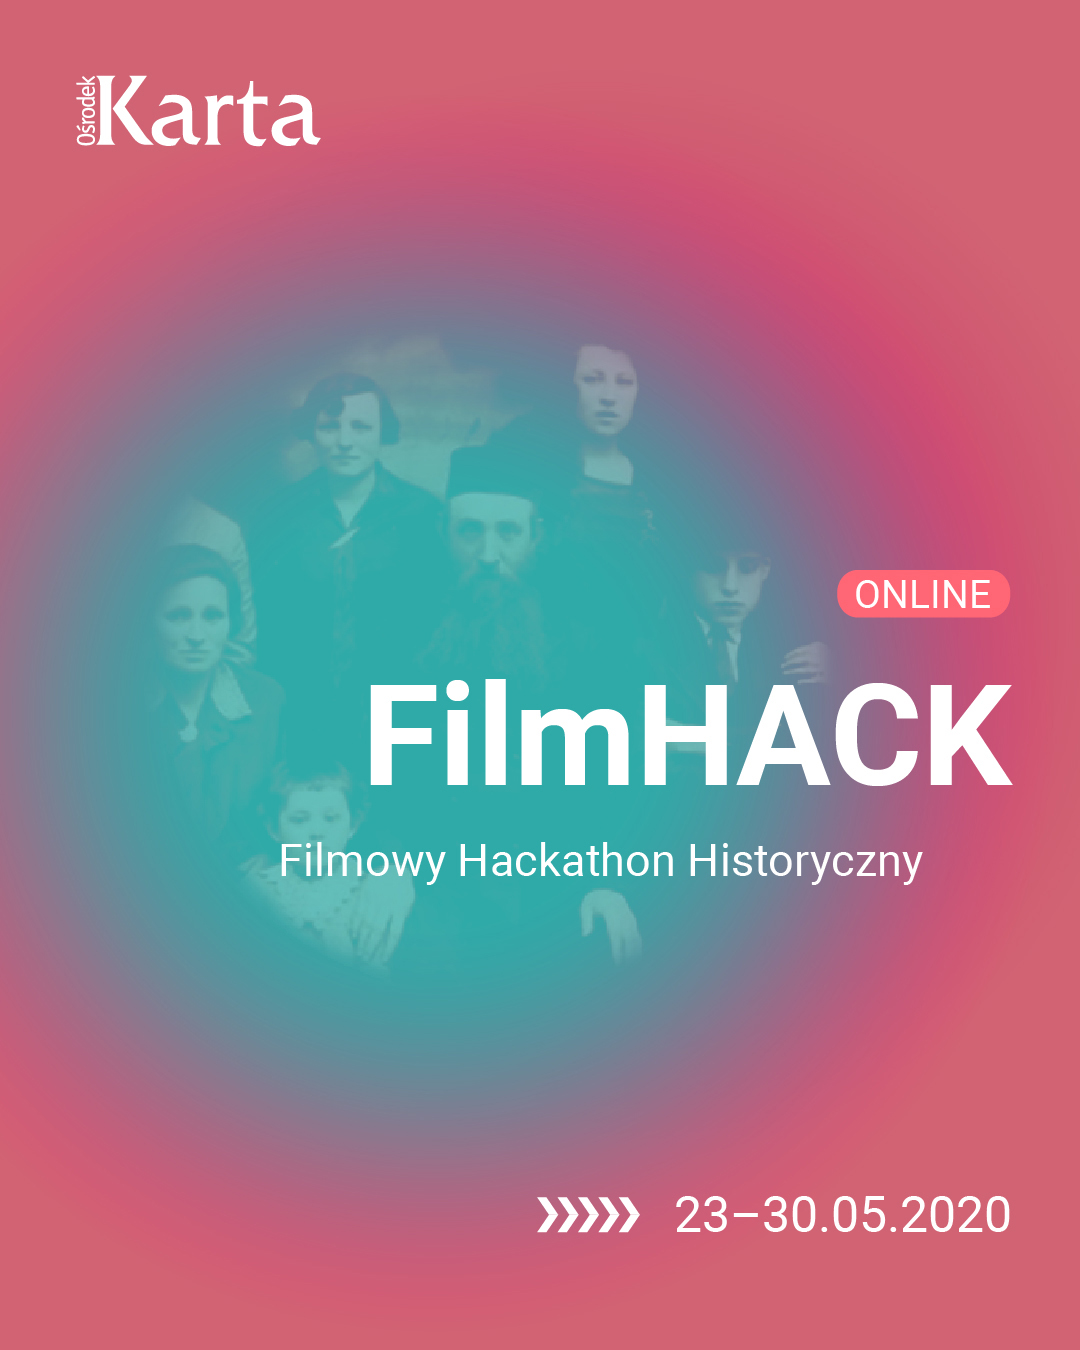 Wyniki Ietapu Filmowego Hackathonu Historycznego FilmHack